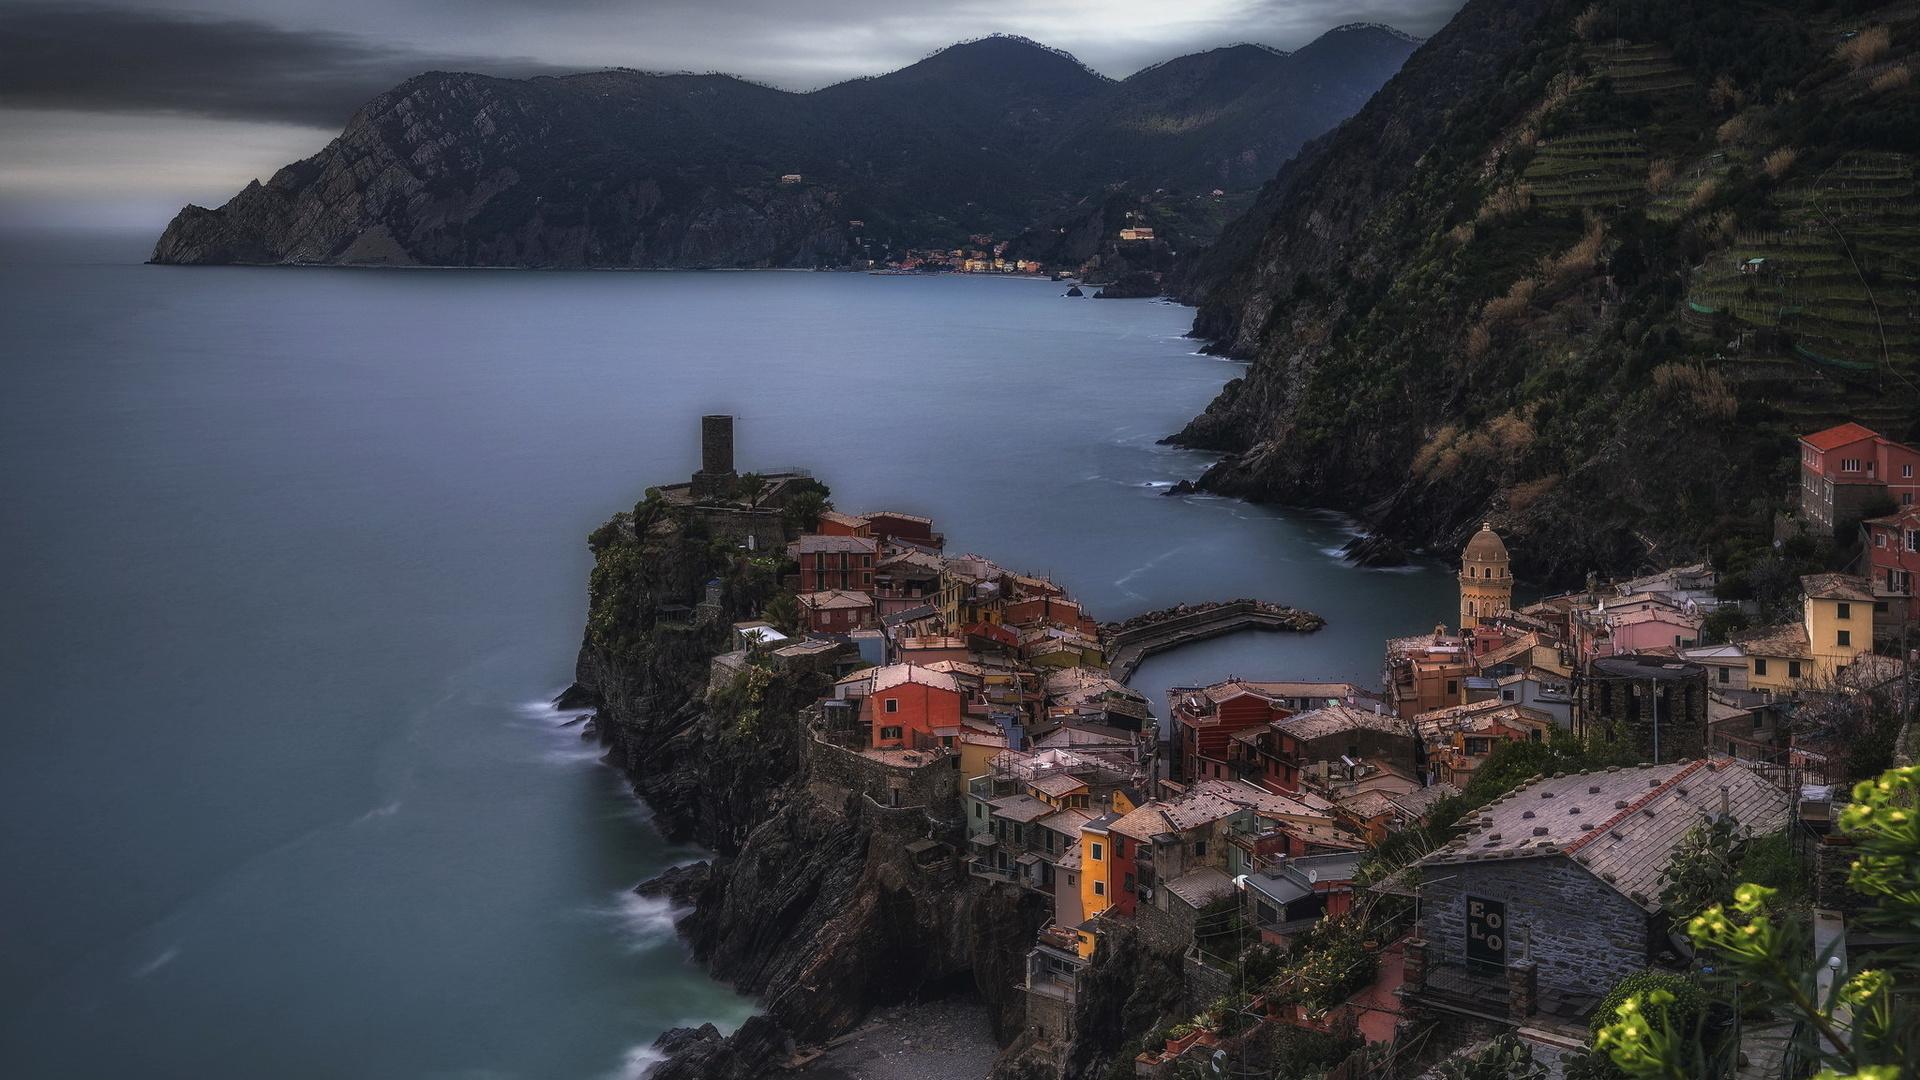 море, горы, городок, италия